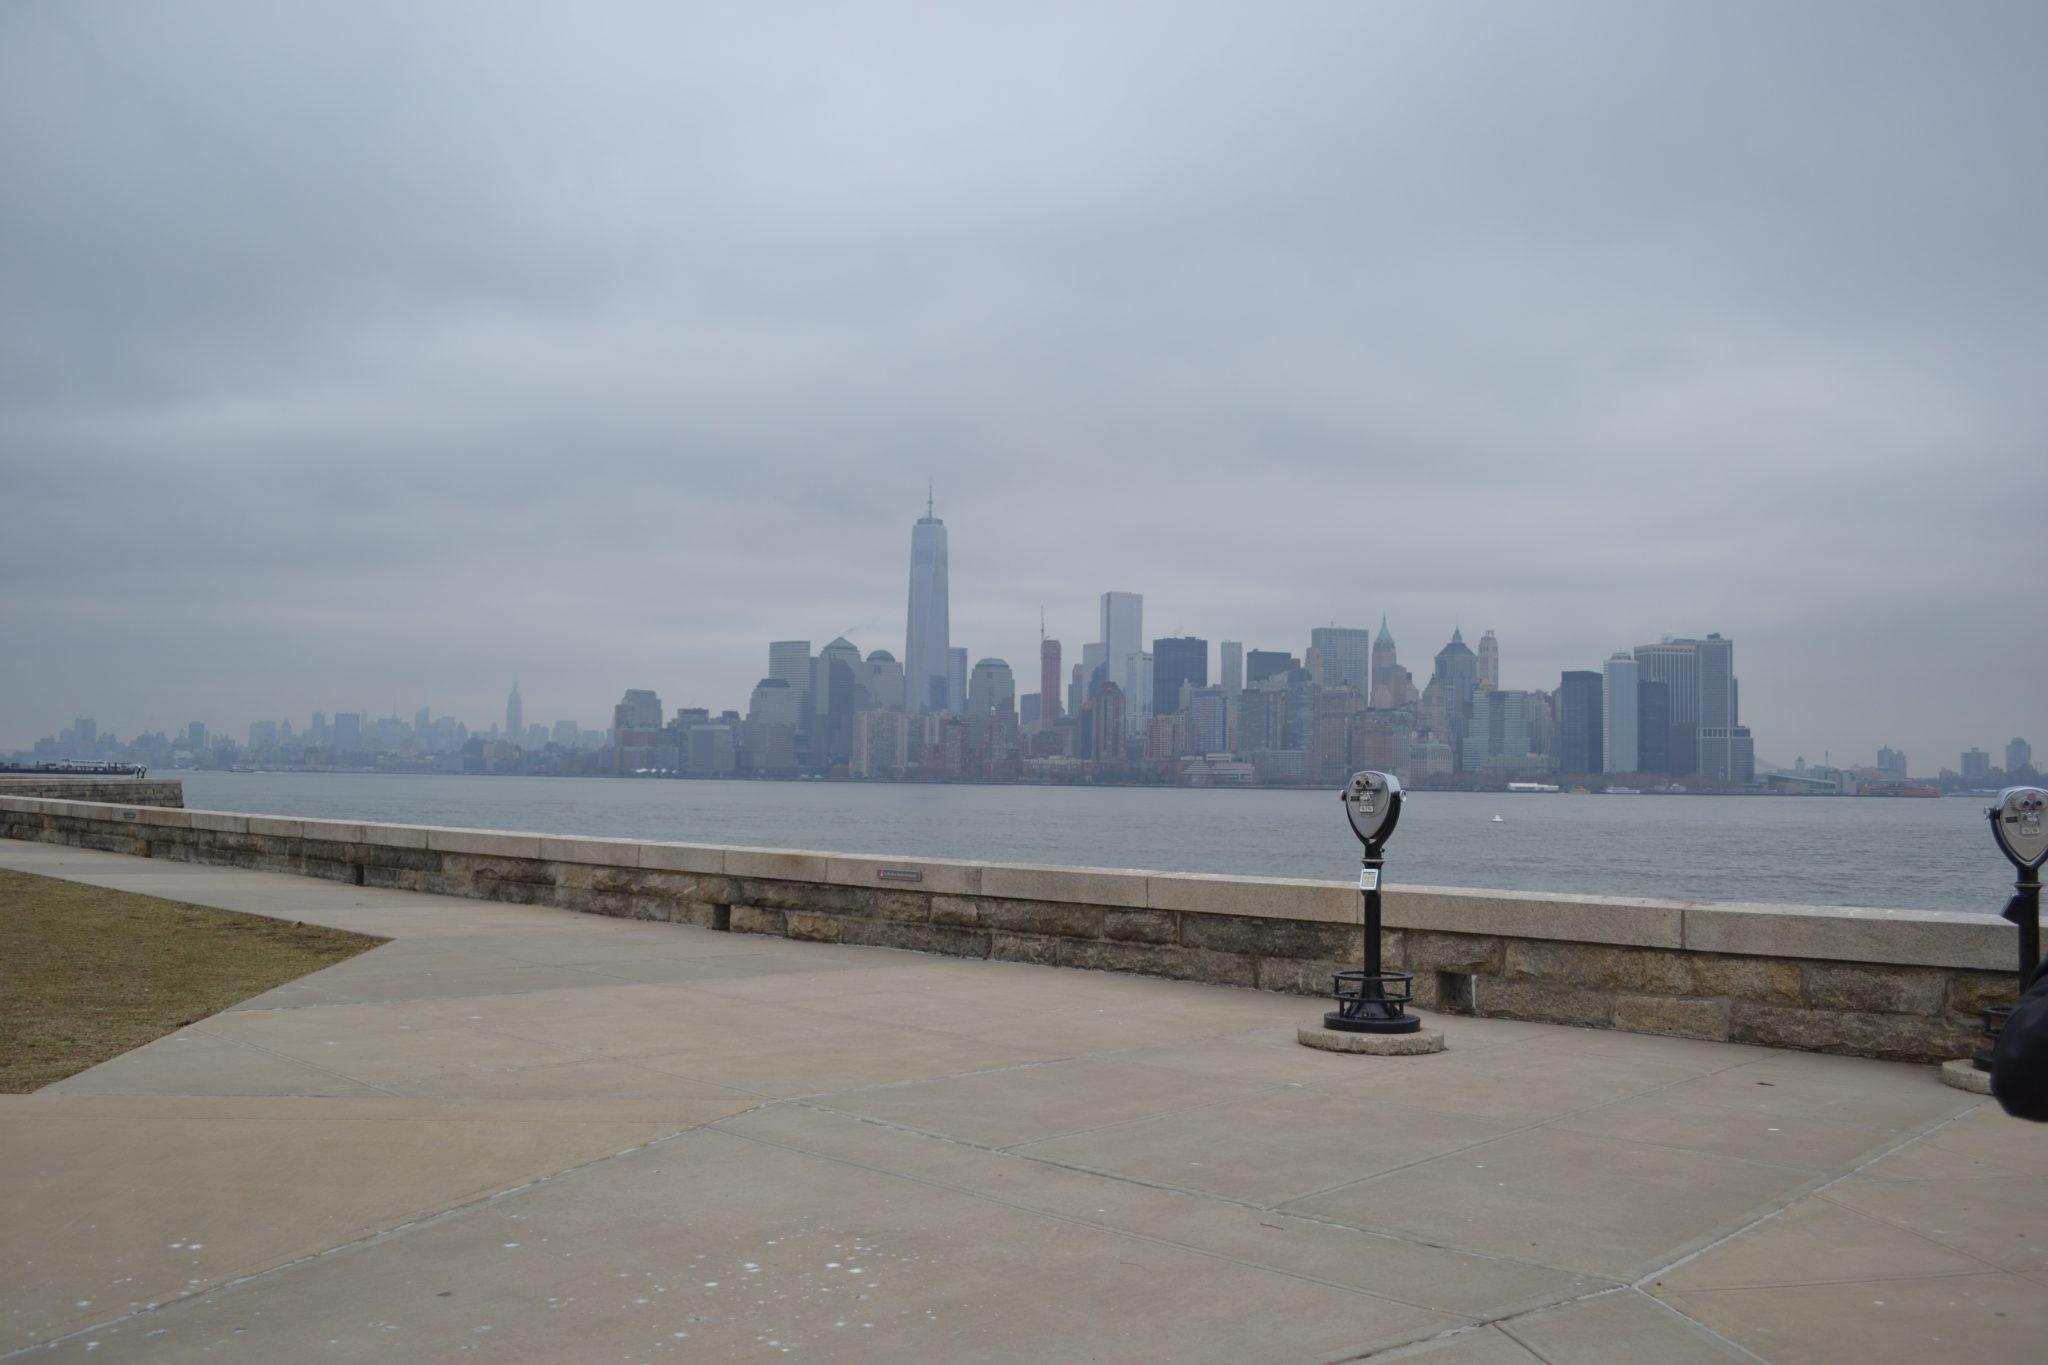 Eine Woche in New York: Ellis Island & Freiheitsstatue - dsc 05051